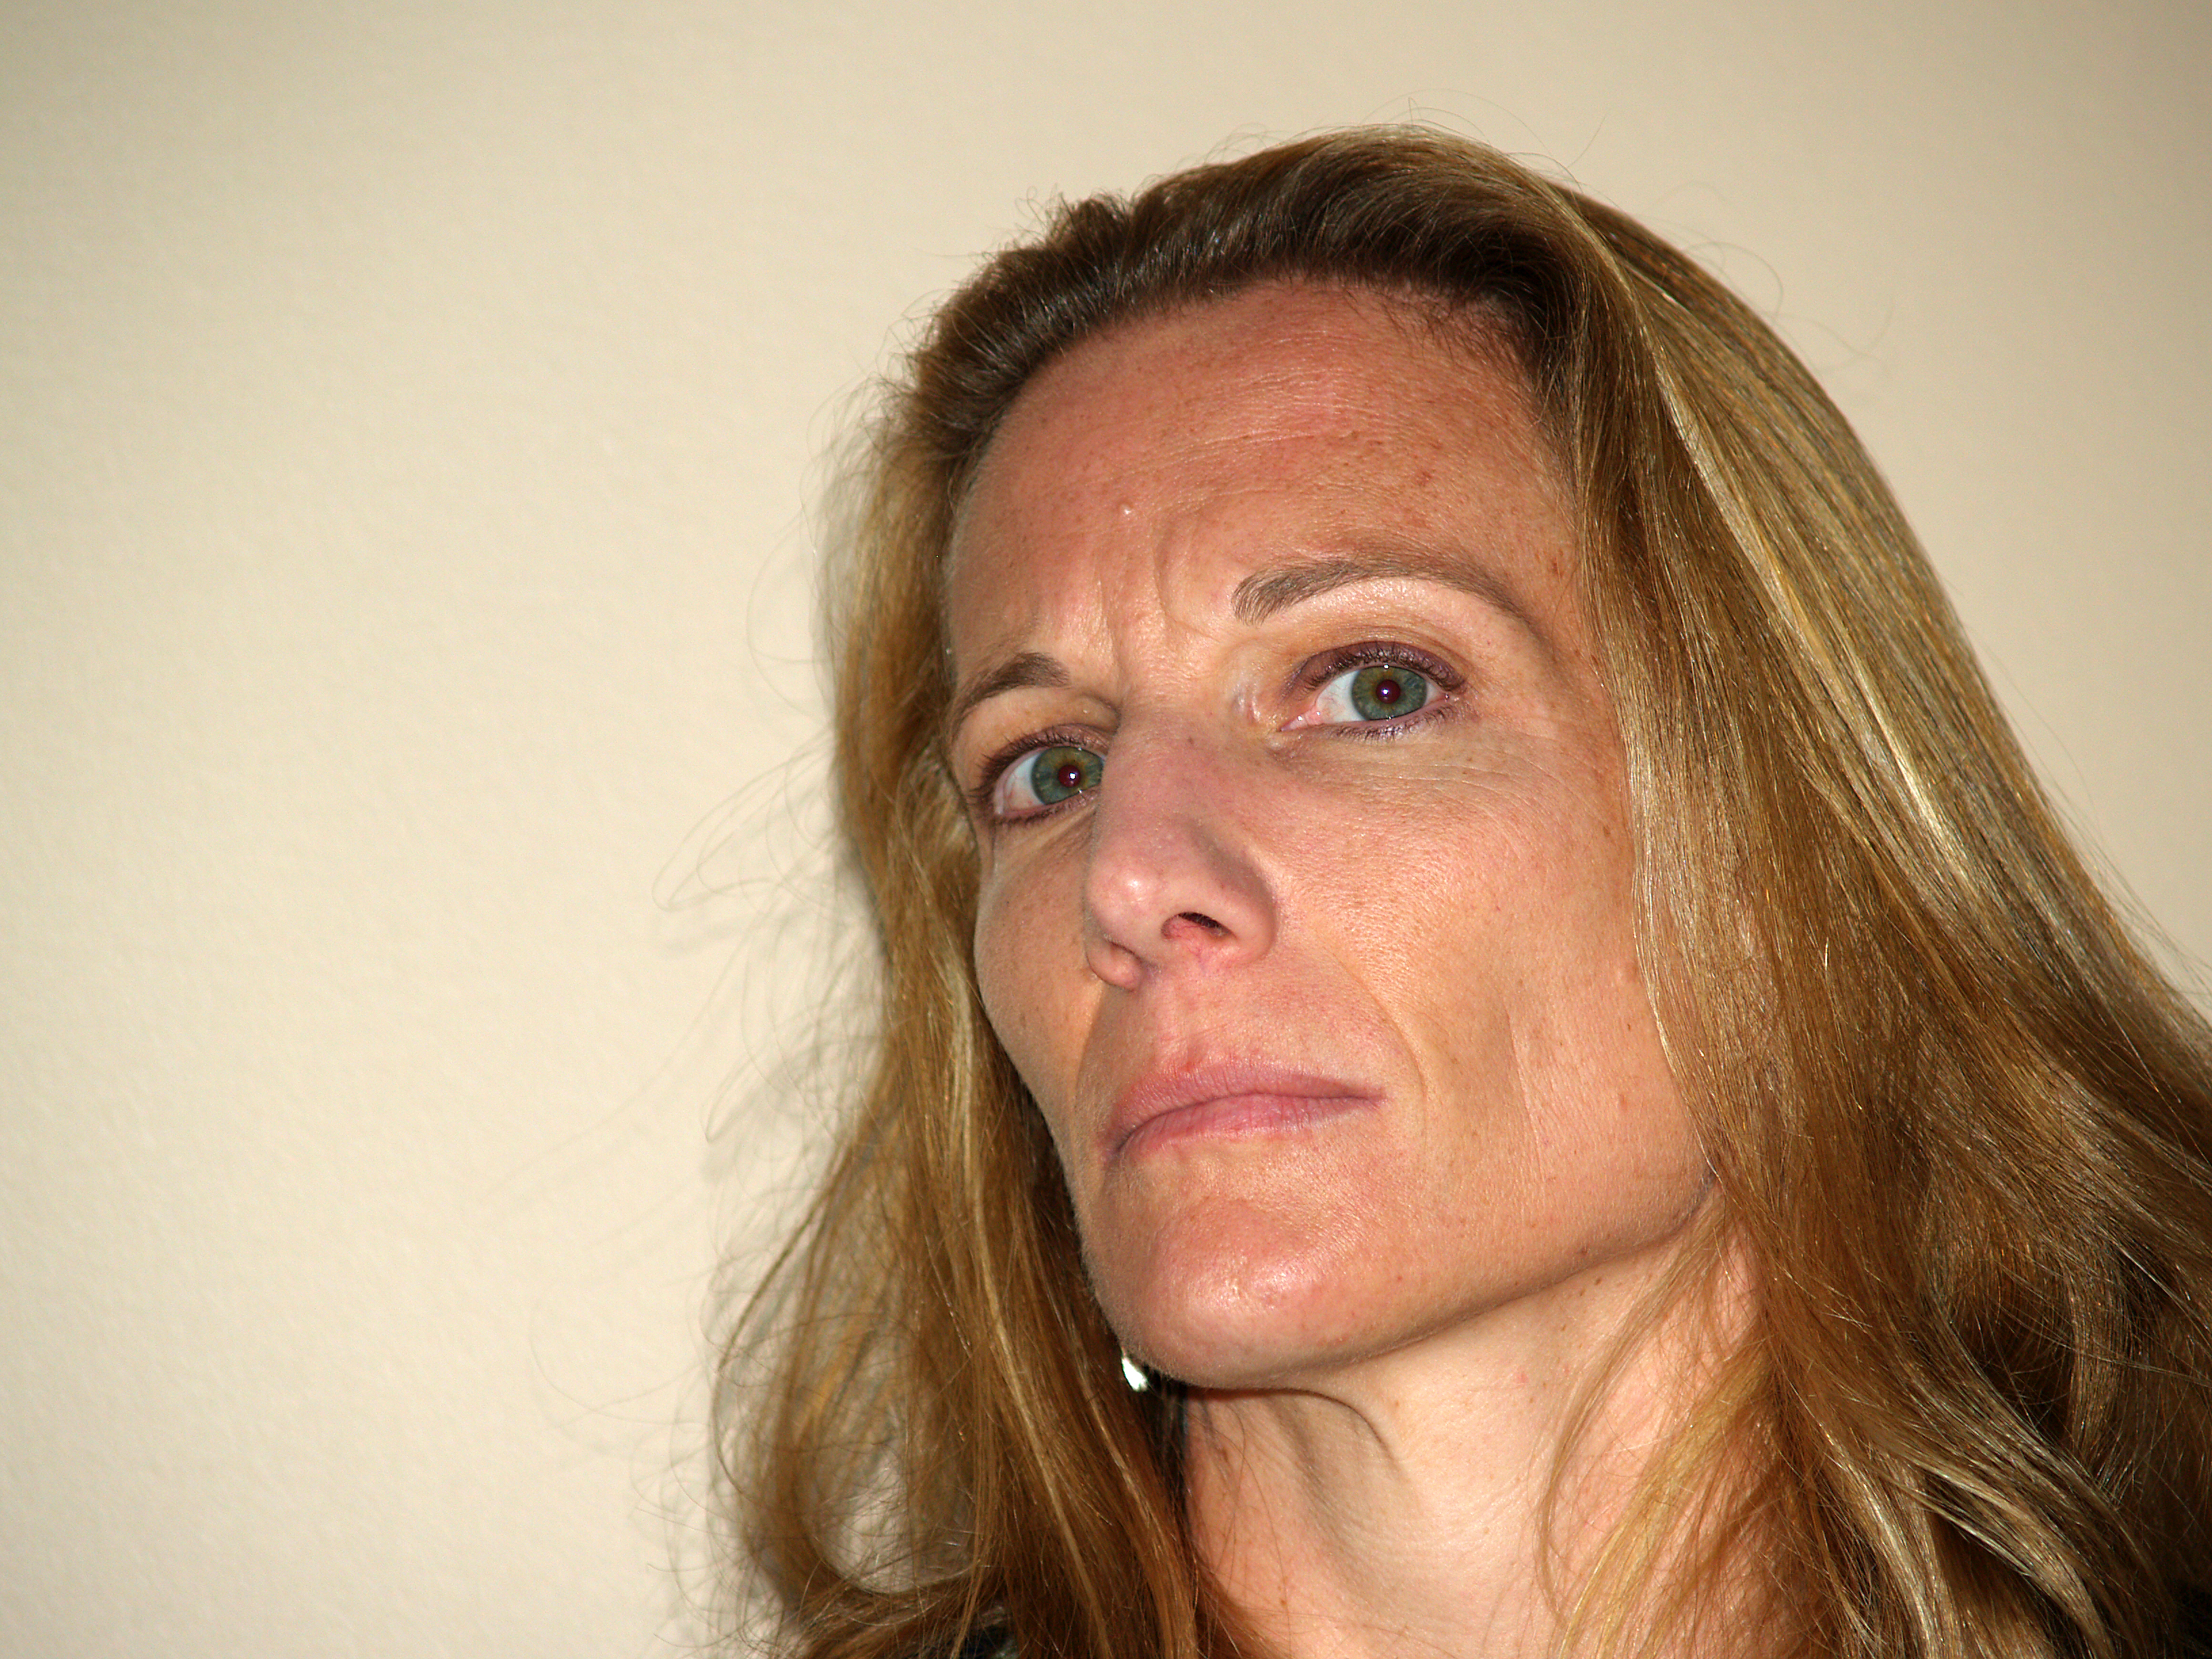 Tammy Lynn Sytch XXX images Iola Gregory,Sada Thompson